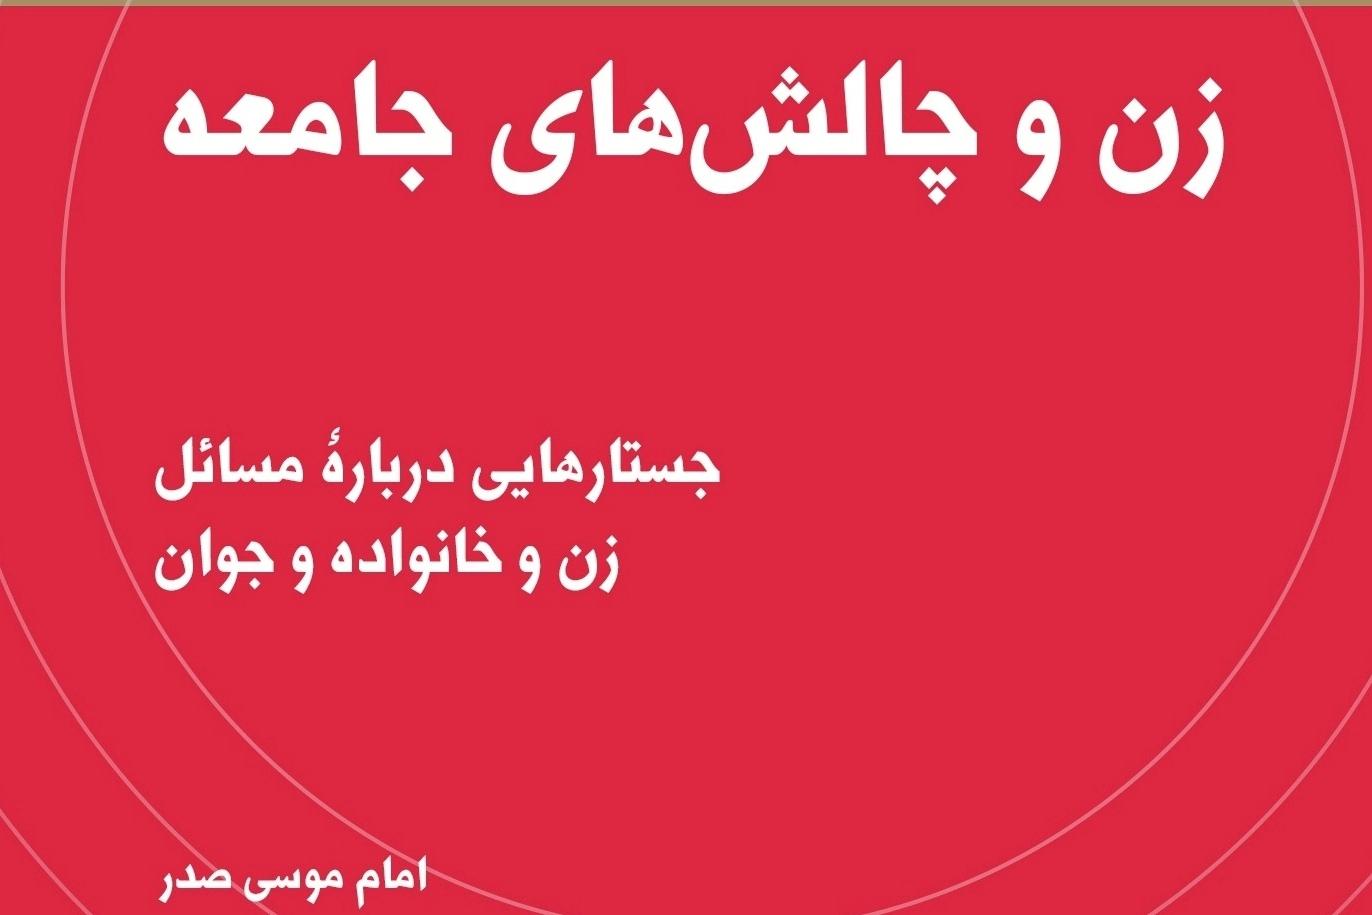 سخنان امام موسی صدر در مورد زنان بررسی میشود